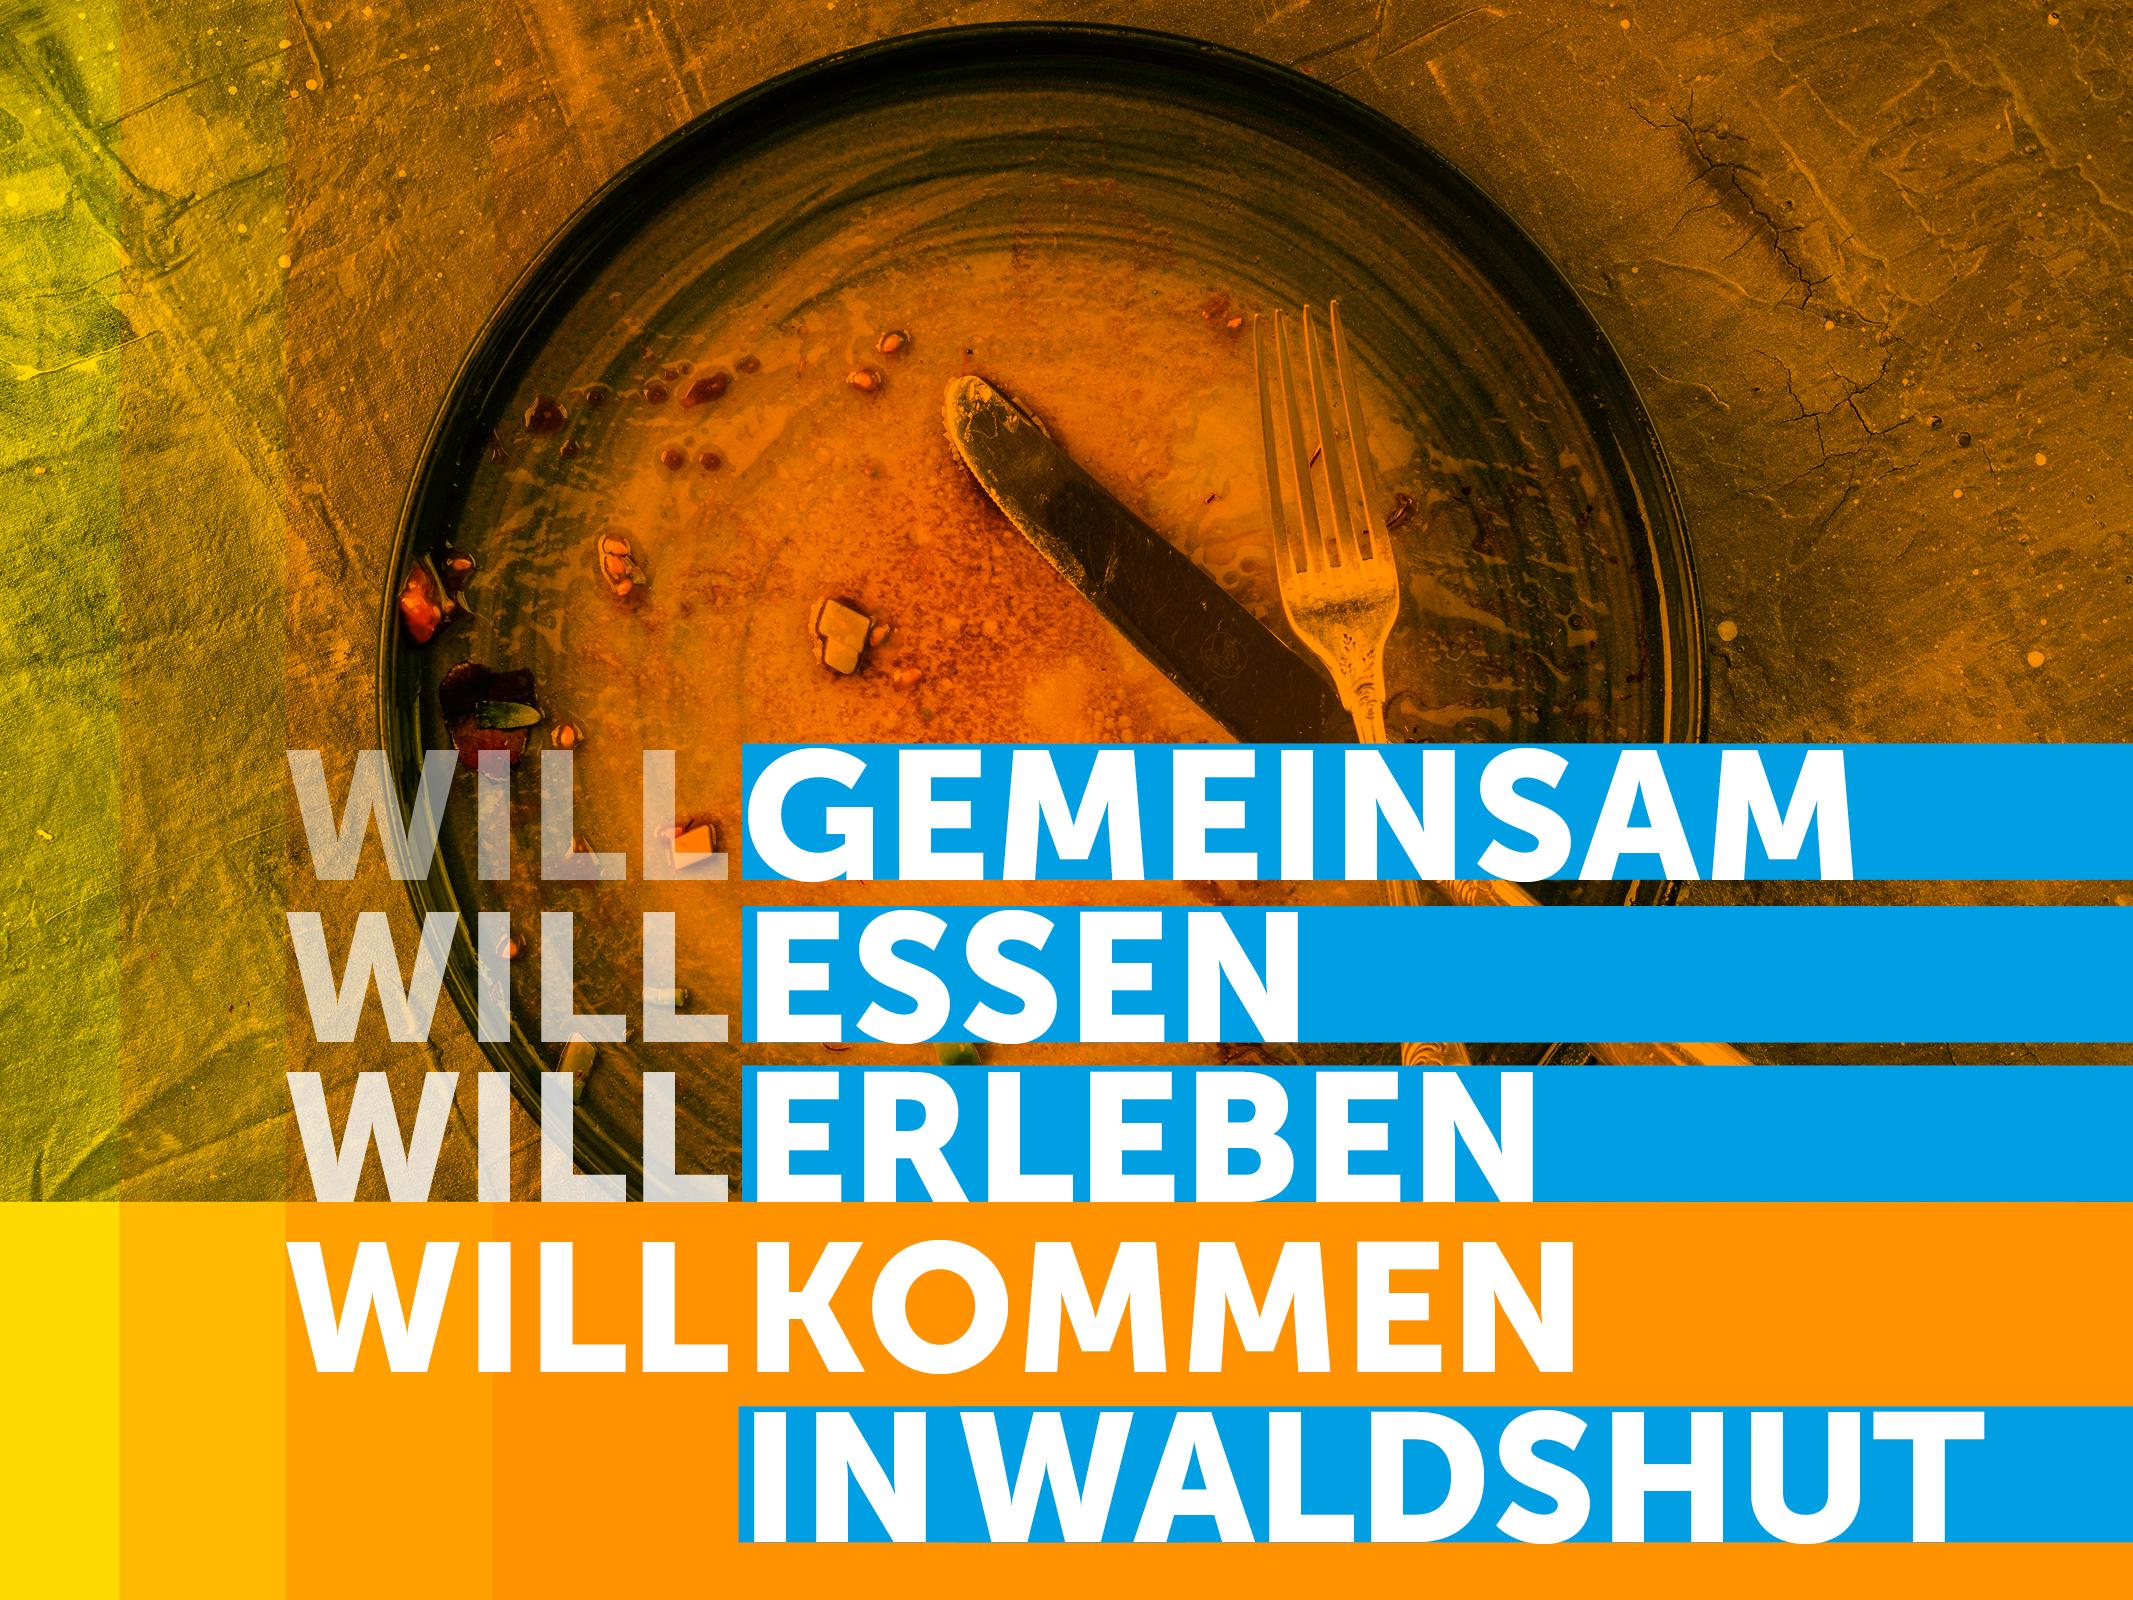 WUF_Gemeinsamzeit_Web_1600x1200